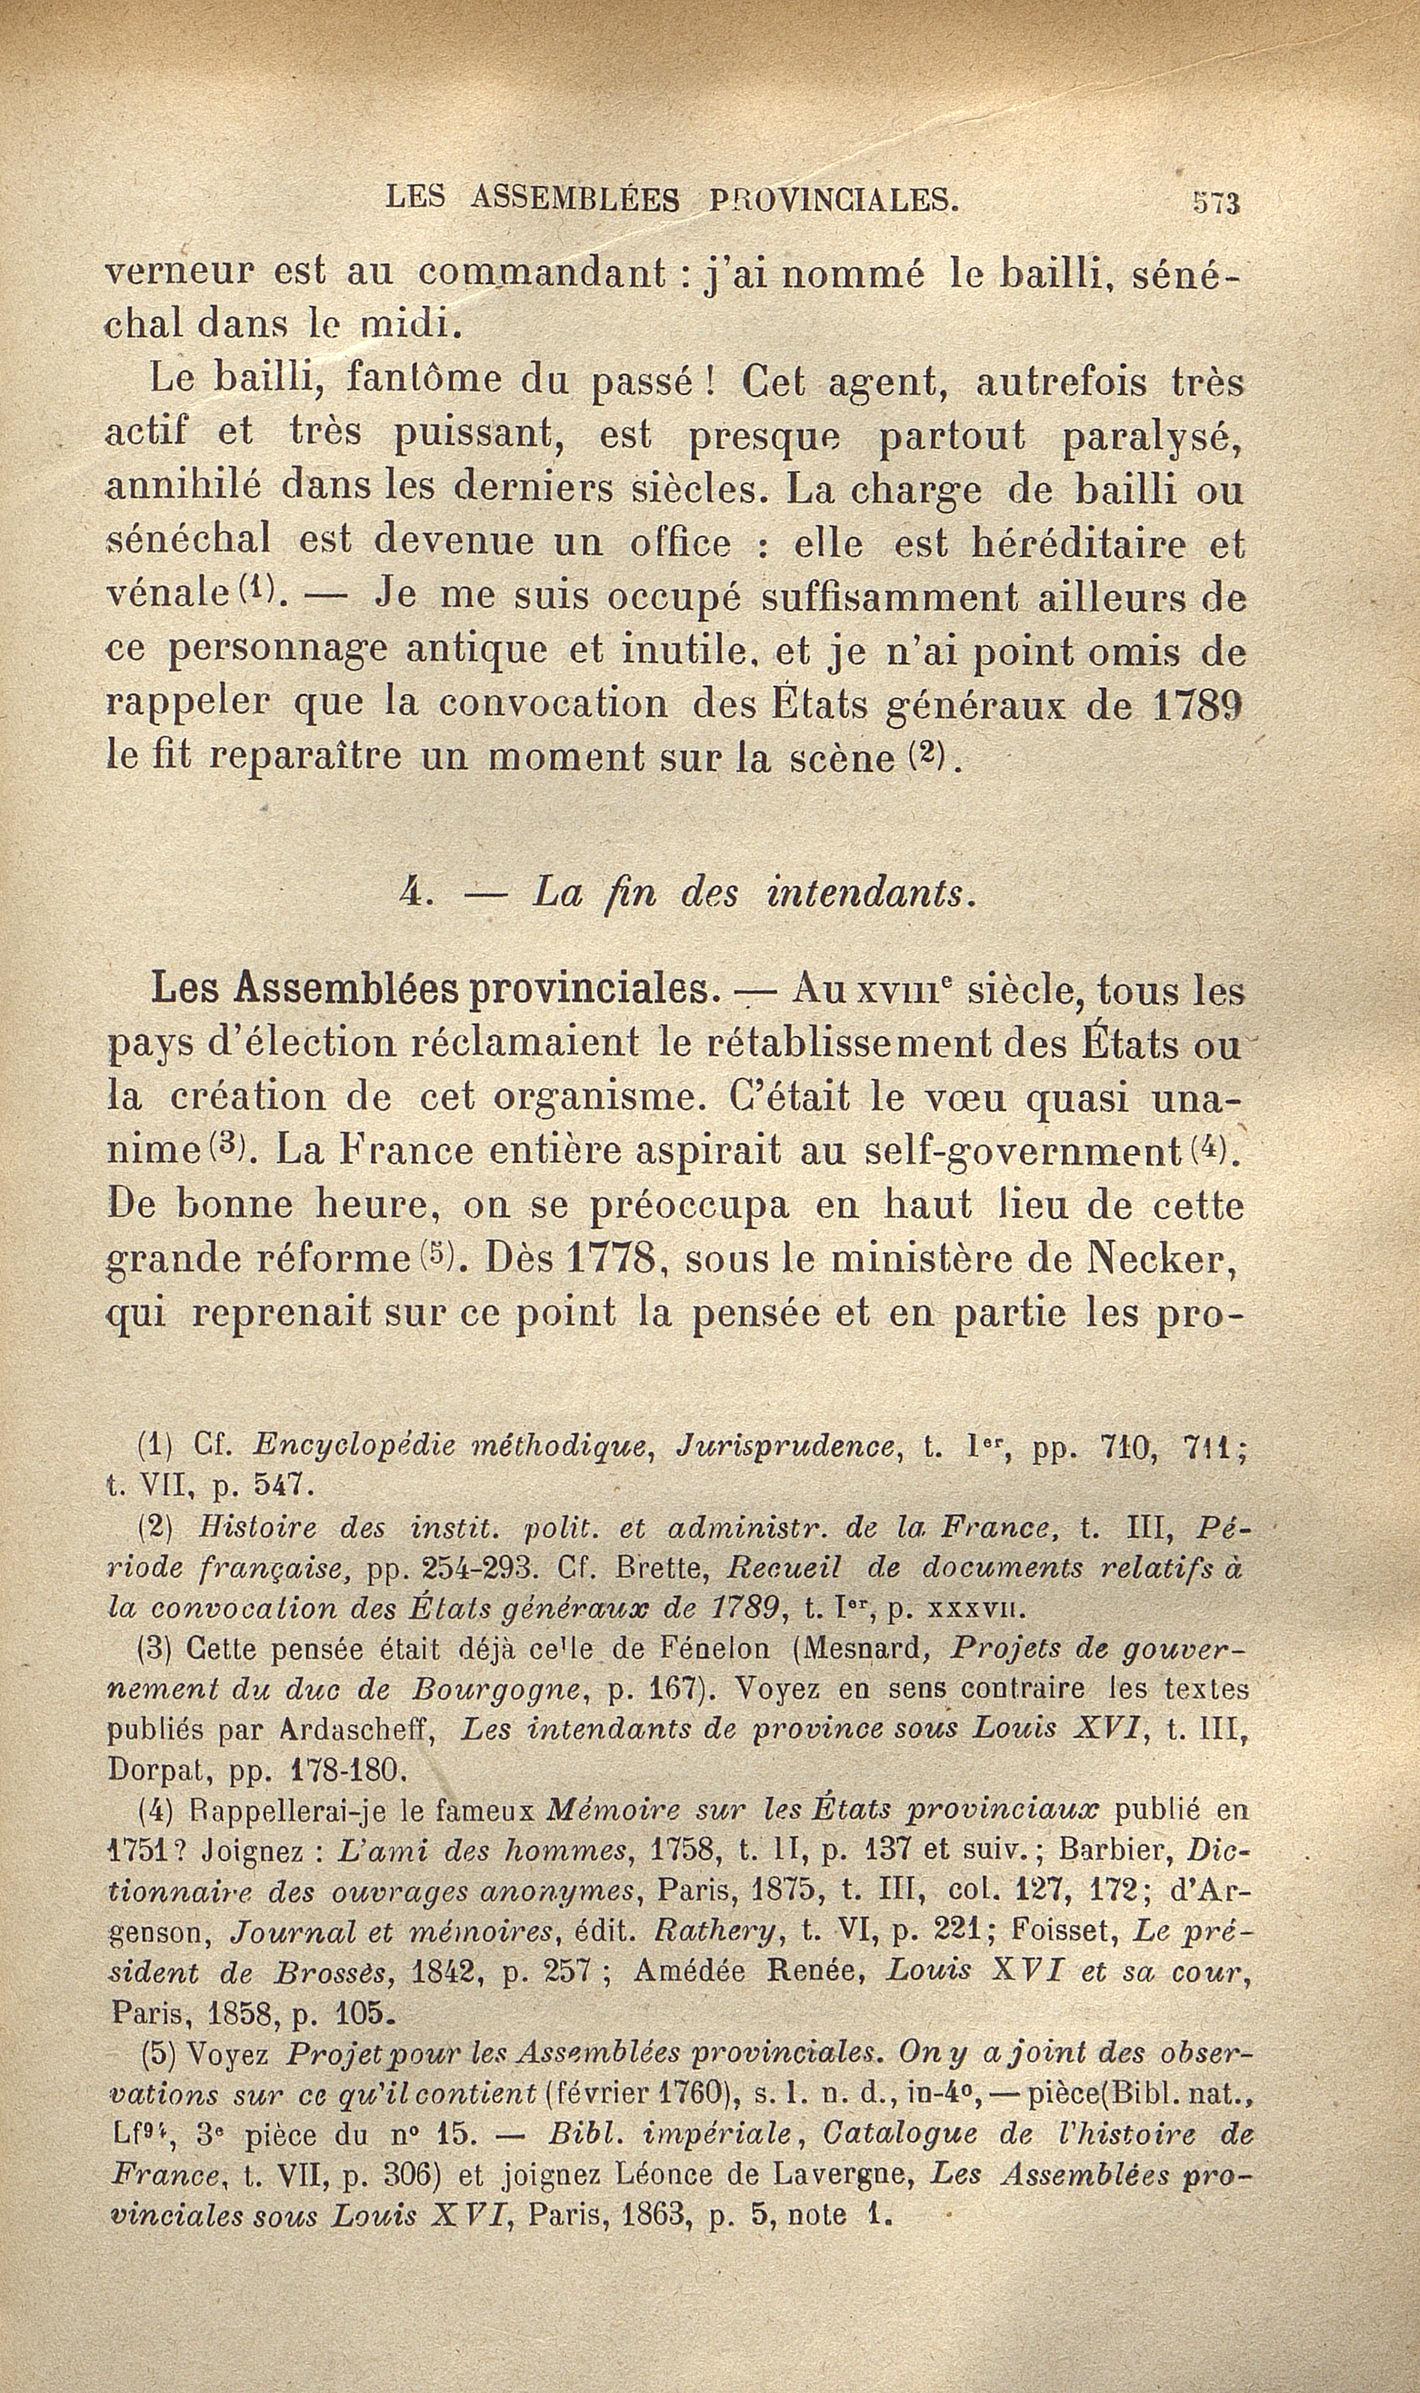 http://expo-paulviollet.univ-paris1.fr/wp-content/uploads/2016/02/0605381272_0587.jpg